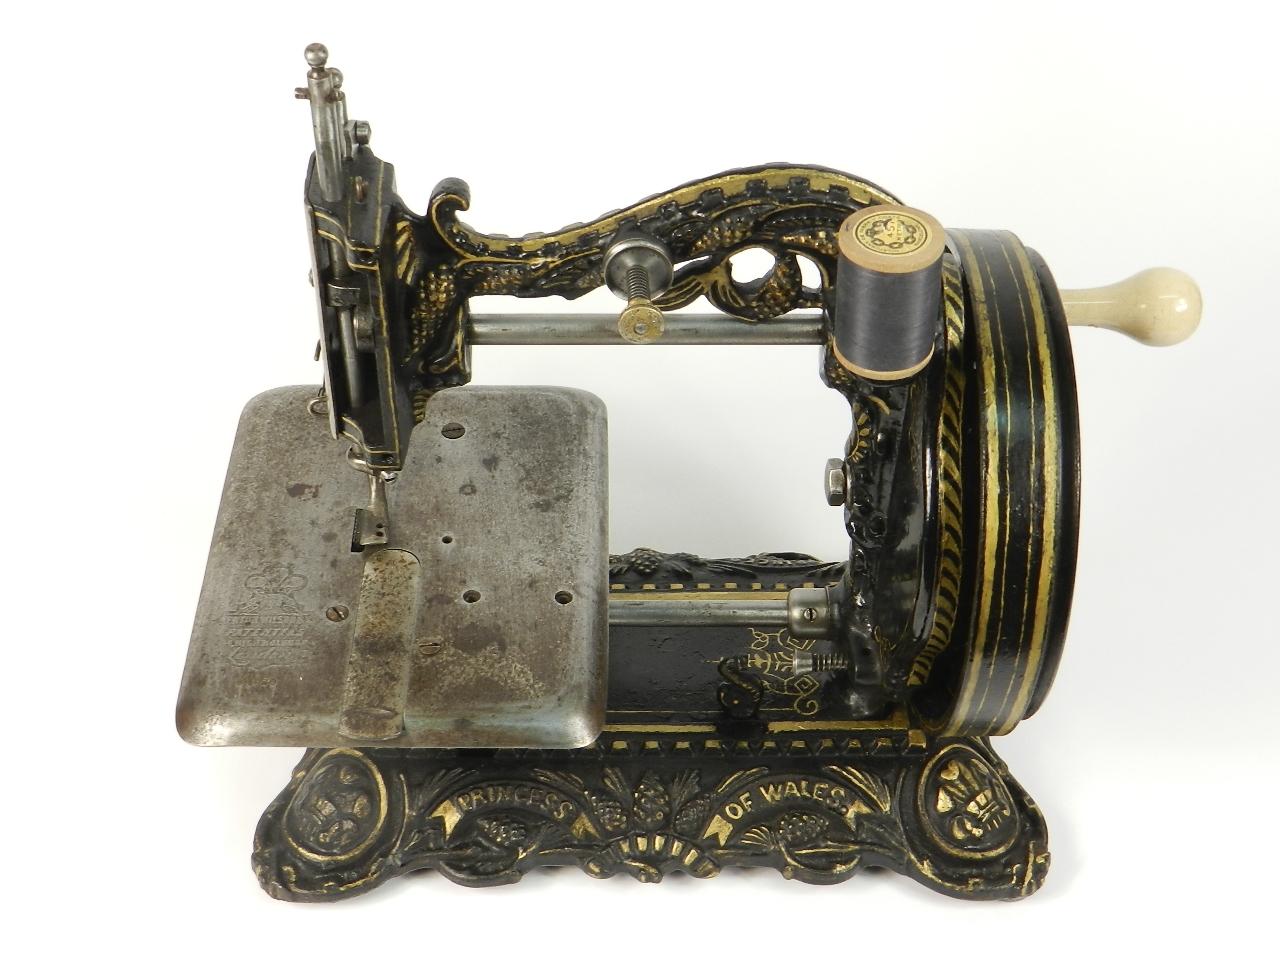 Imagen PRINCESS OF WALES AÑO 1878 33137